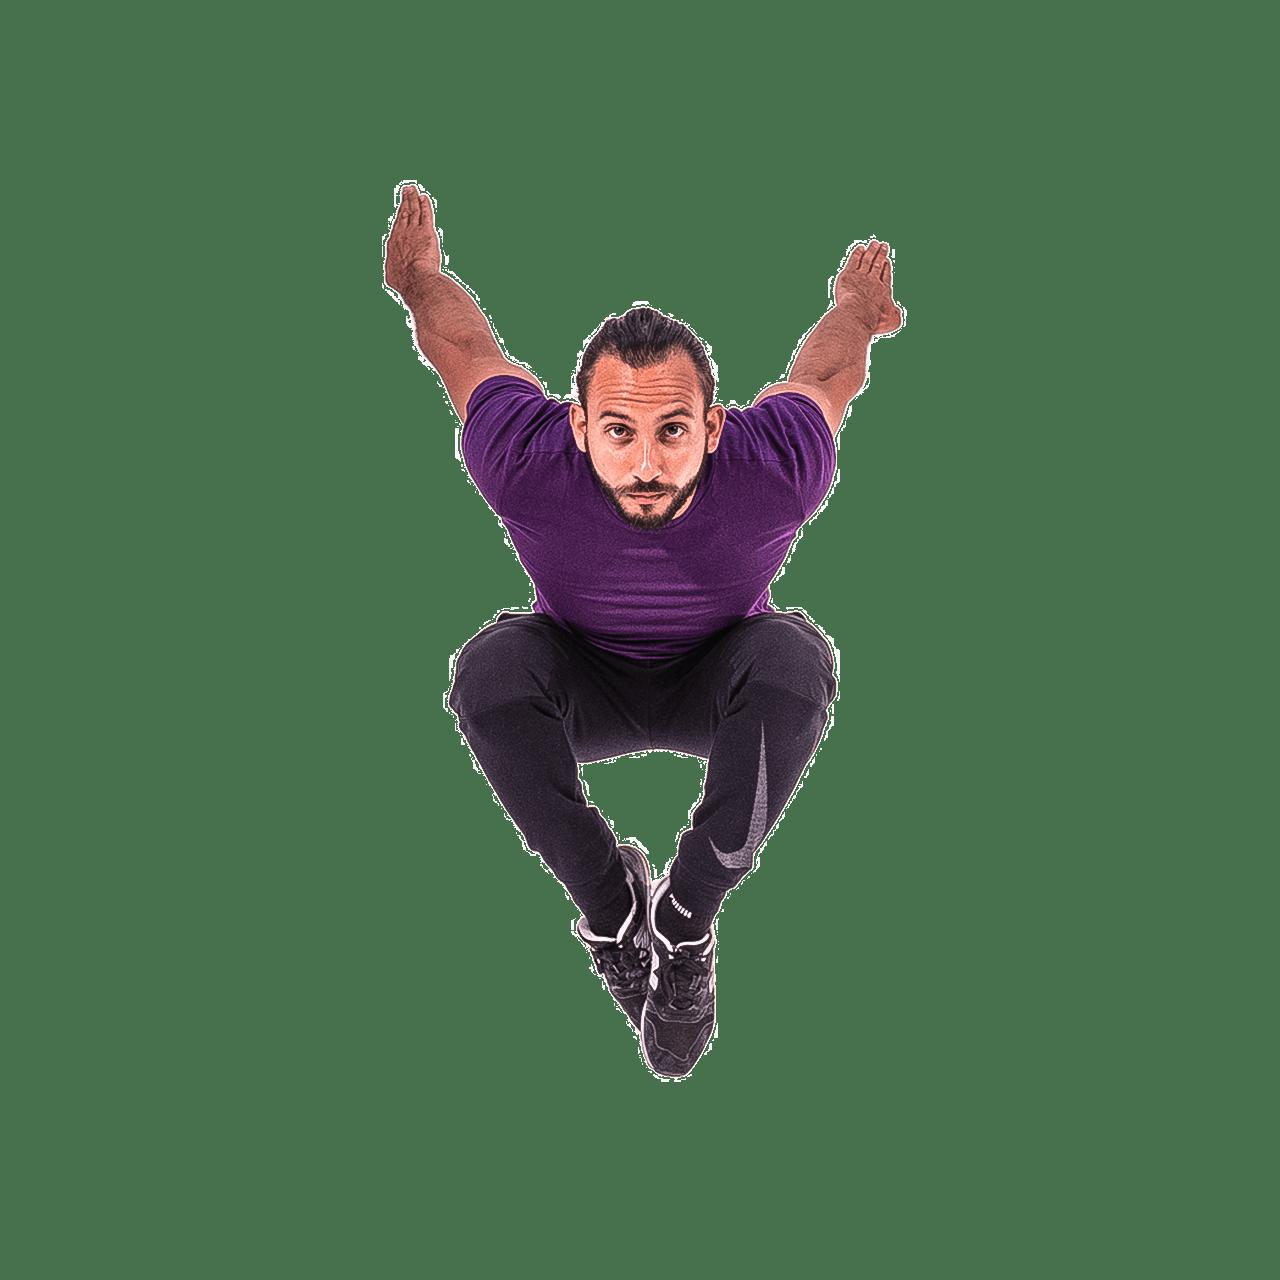 Kevin hero image jumping at camera